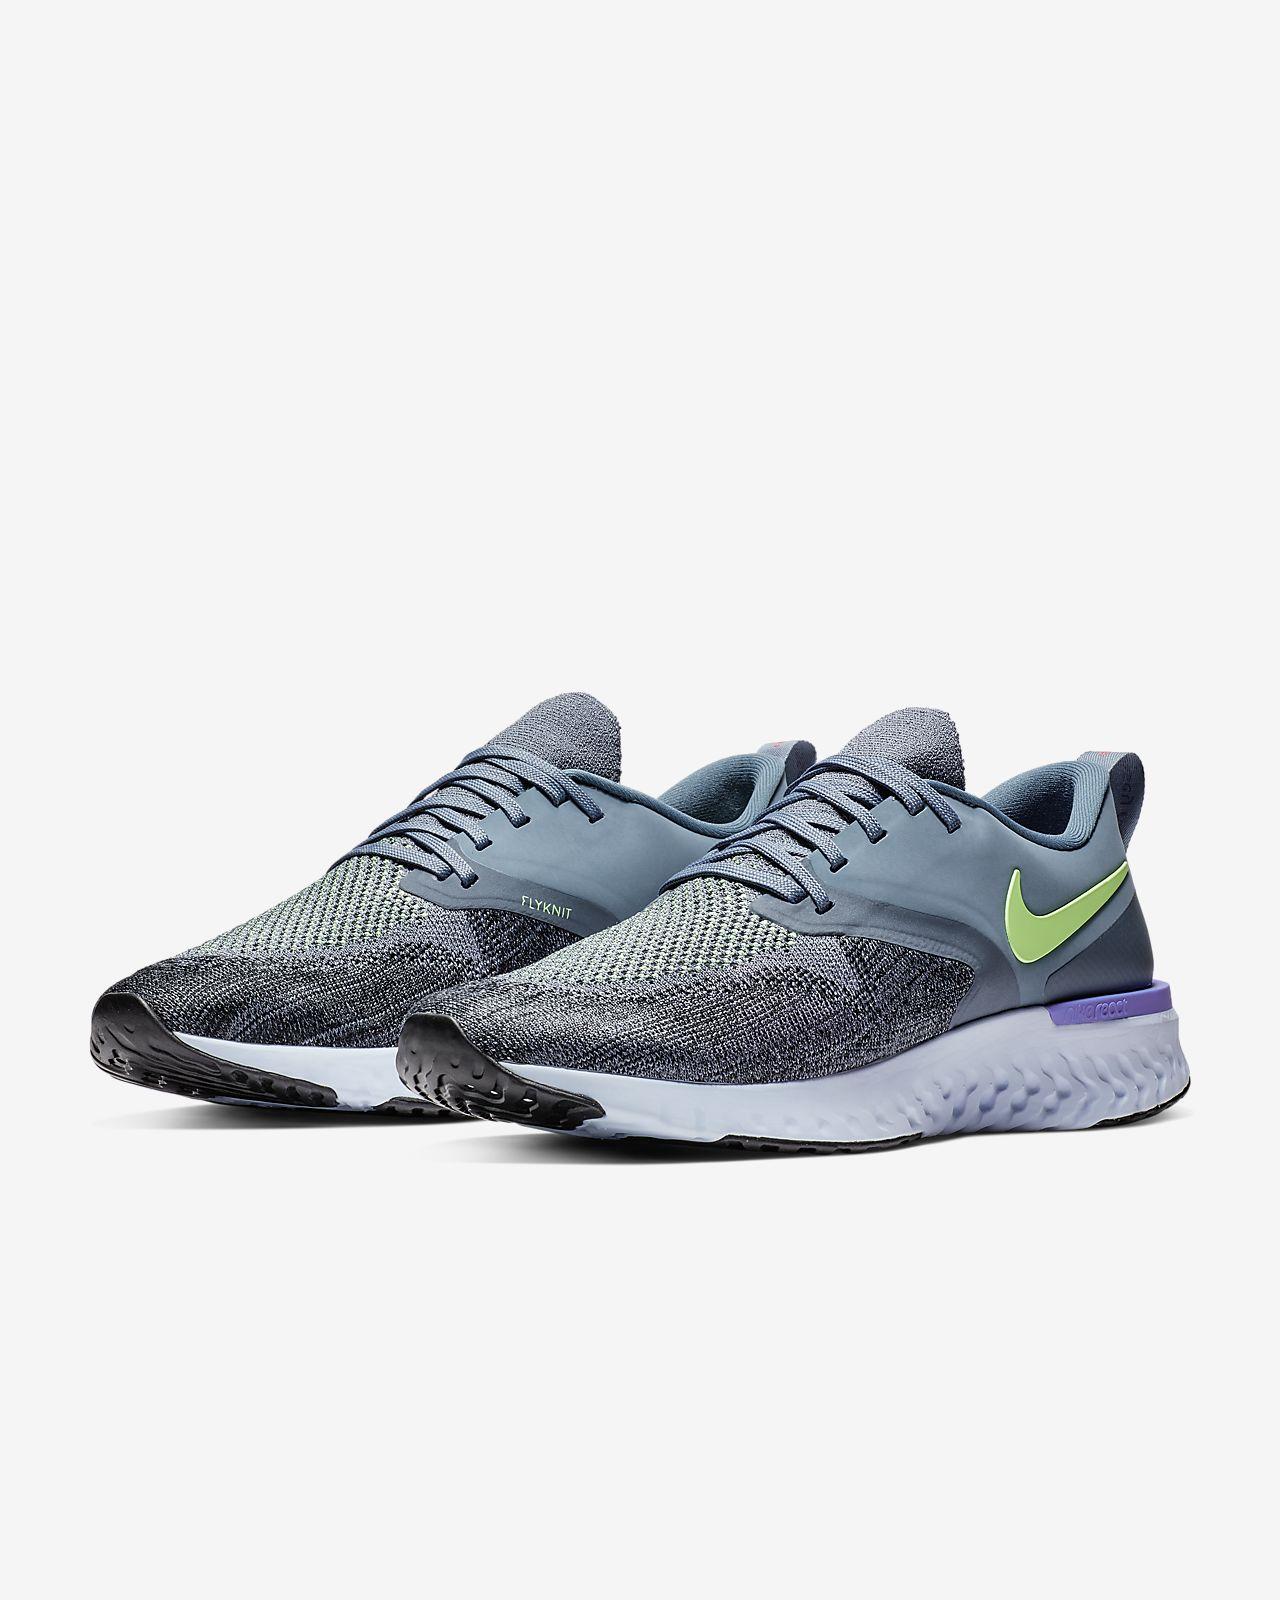 b5c4e27c897c6 Nike Odyssey React Flyknit 2 Men s Running Shoe. Nike.com LU